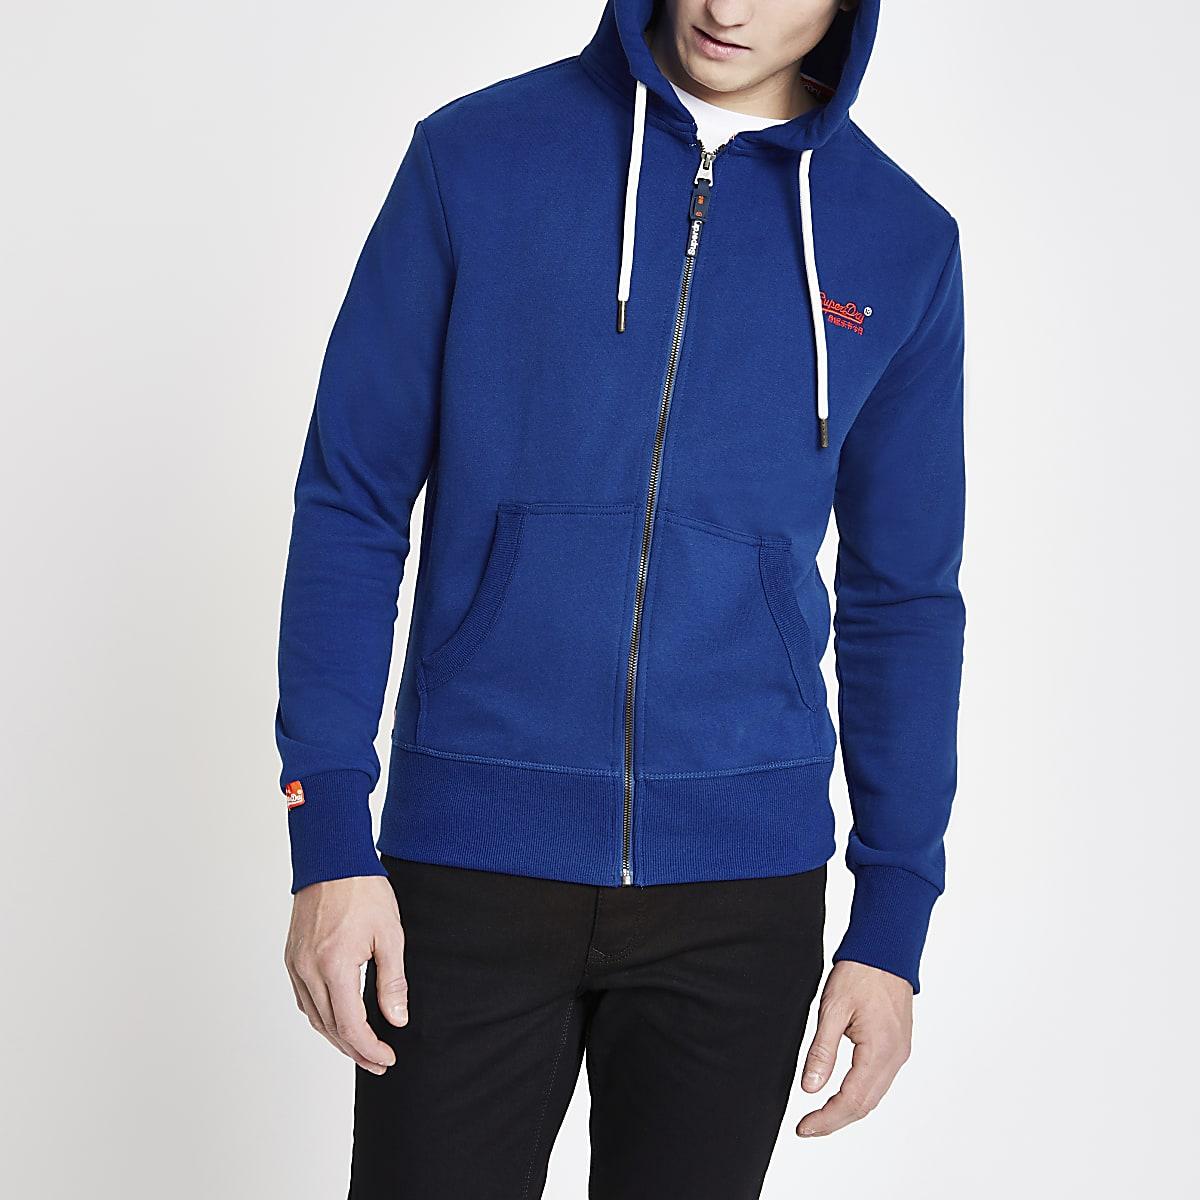 Superdry – Sweat à capuche bleu zippé